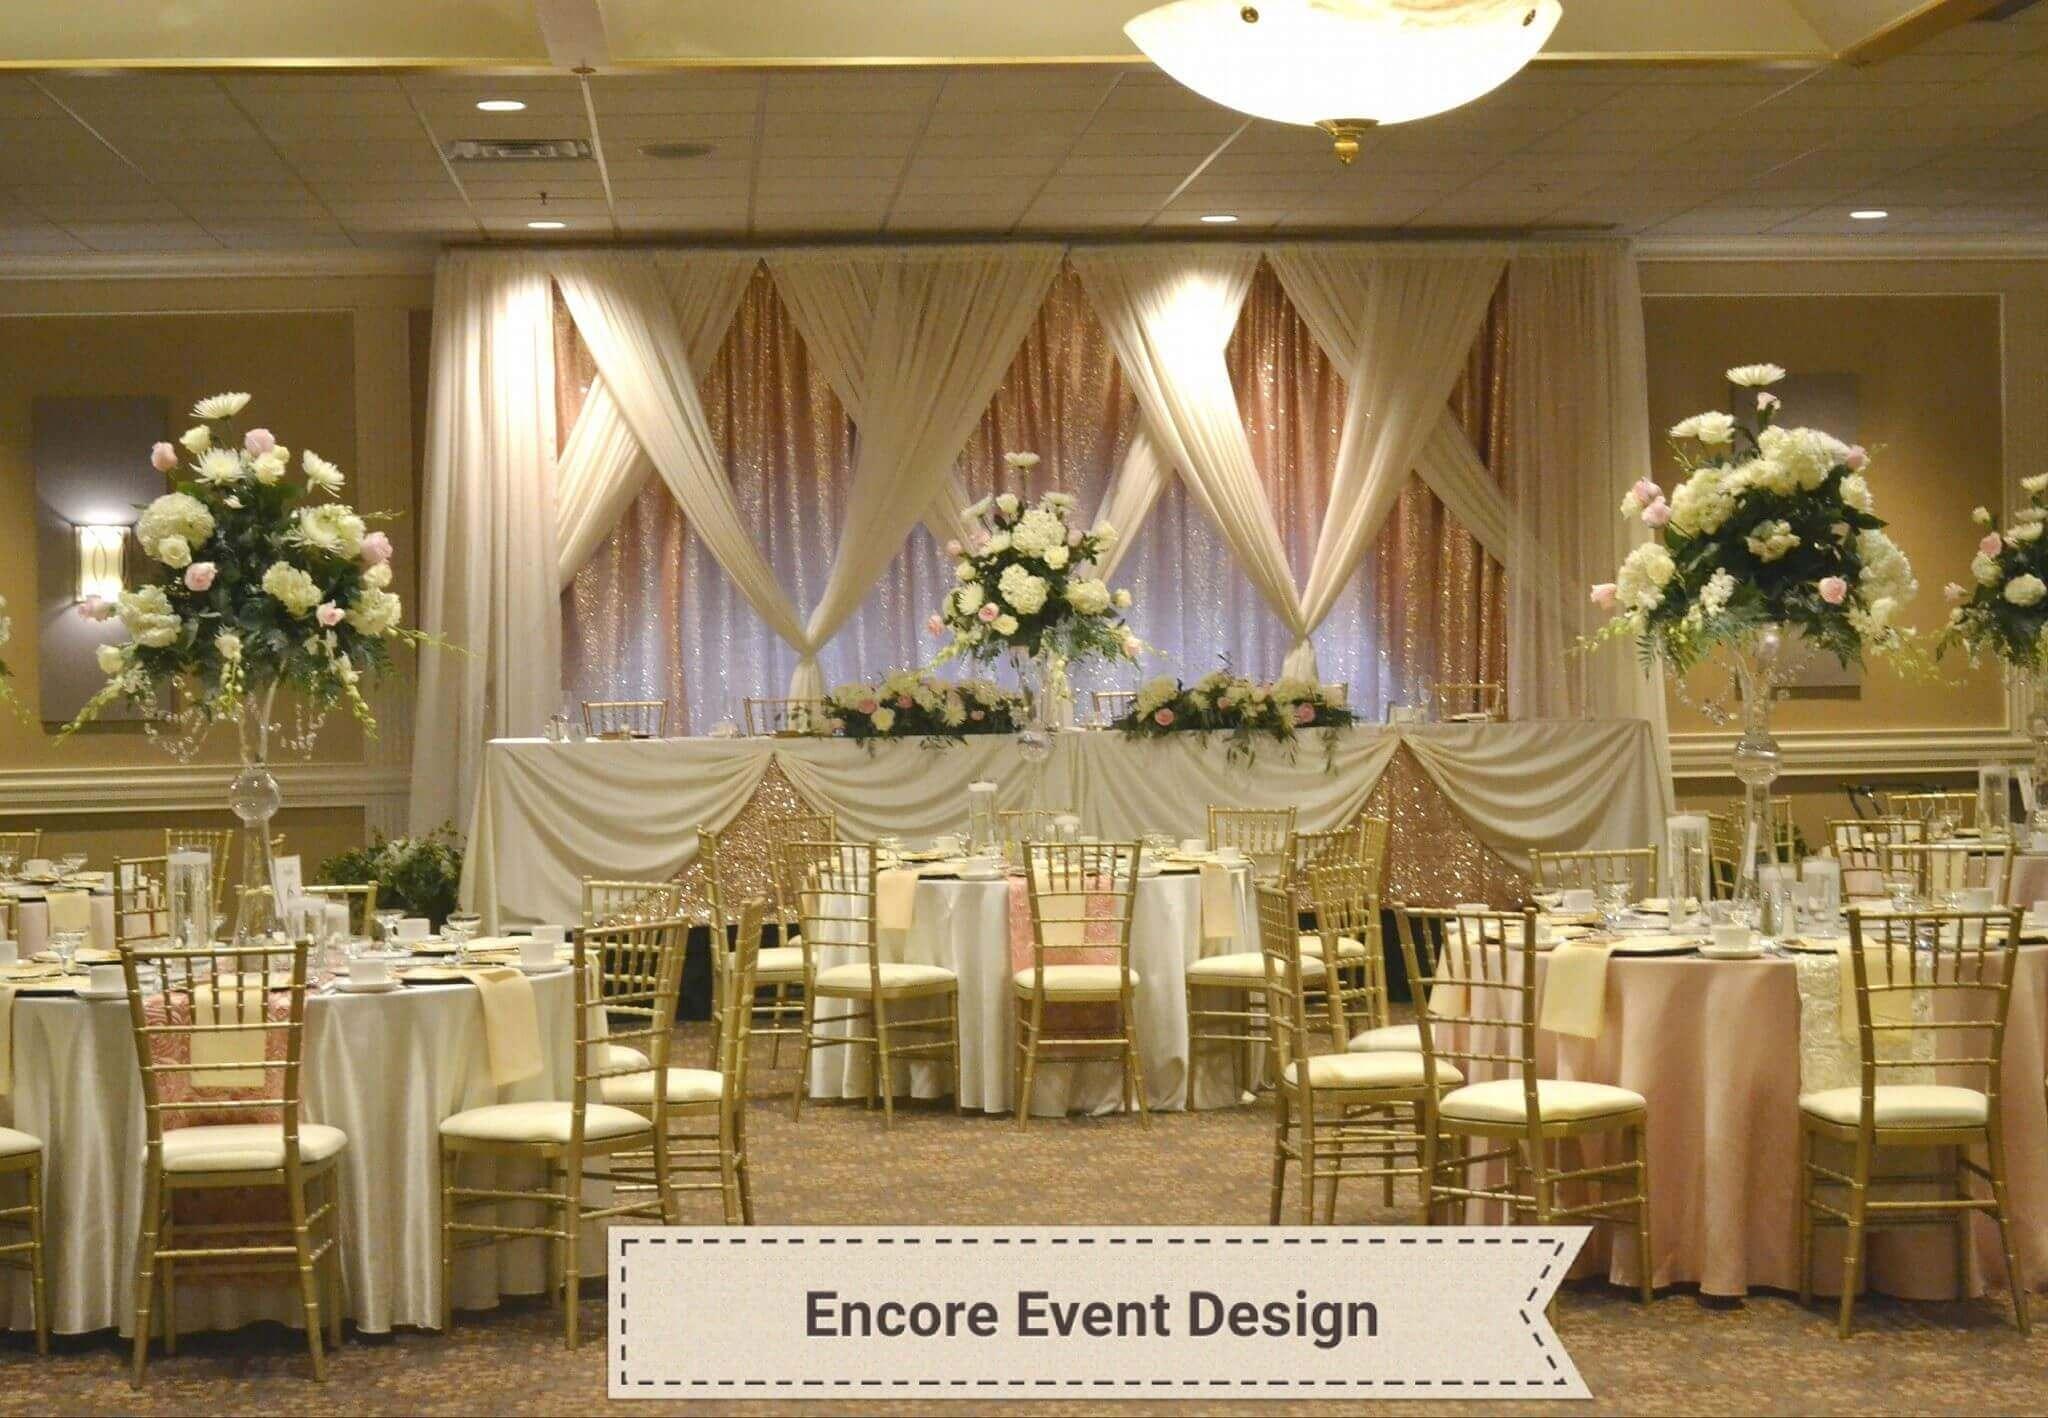 Encore Event Design